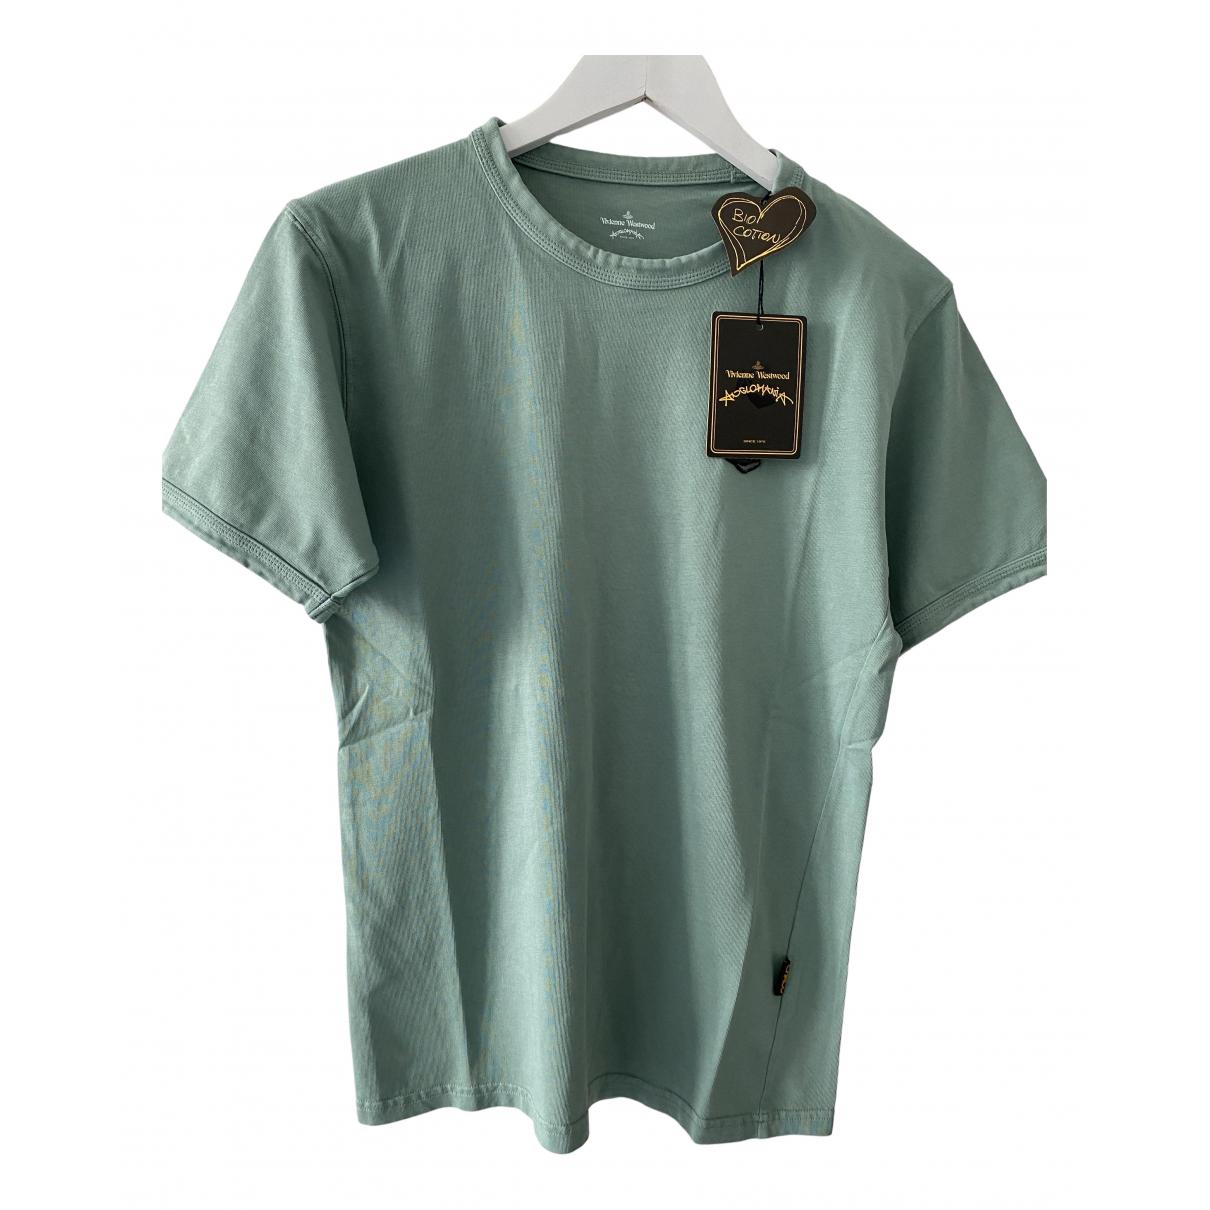 Vivienne Westwood Anglomania - Tee shirts   pour homme en coton - vert